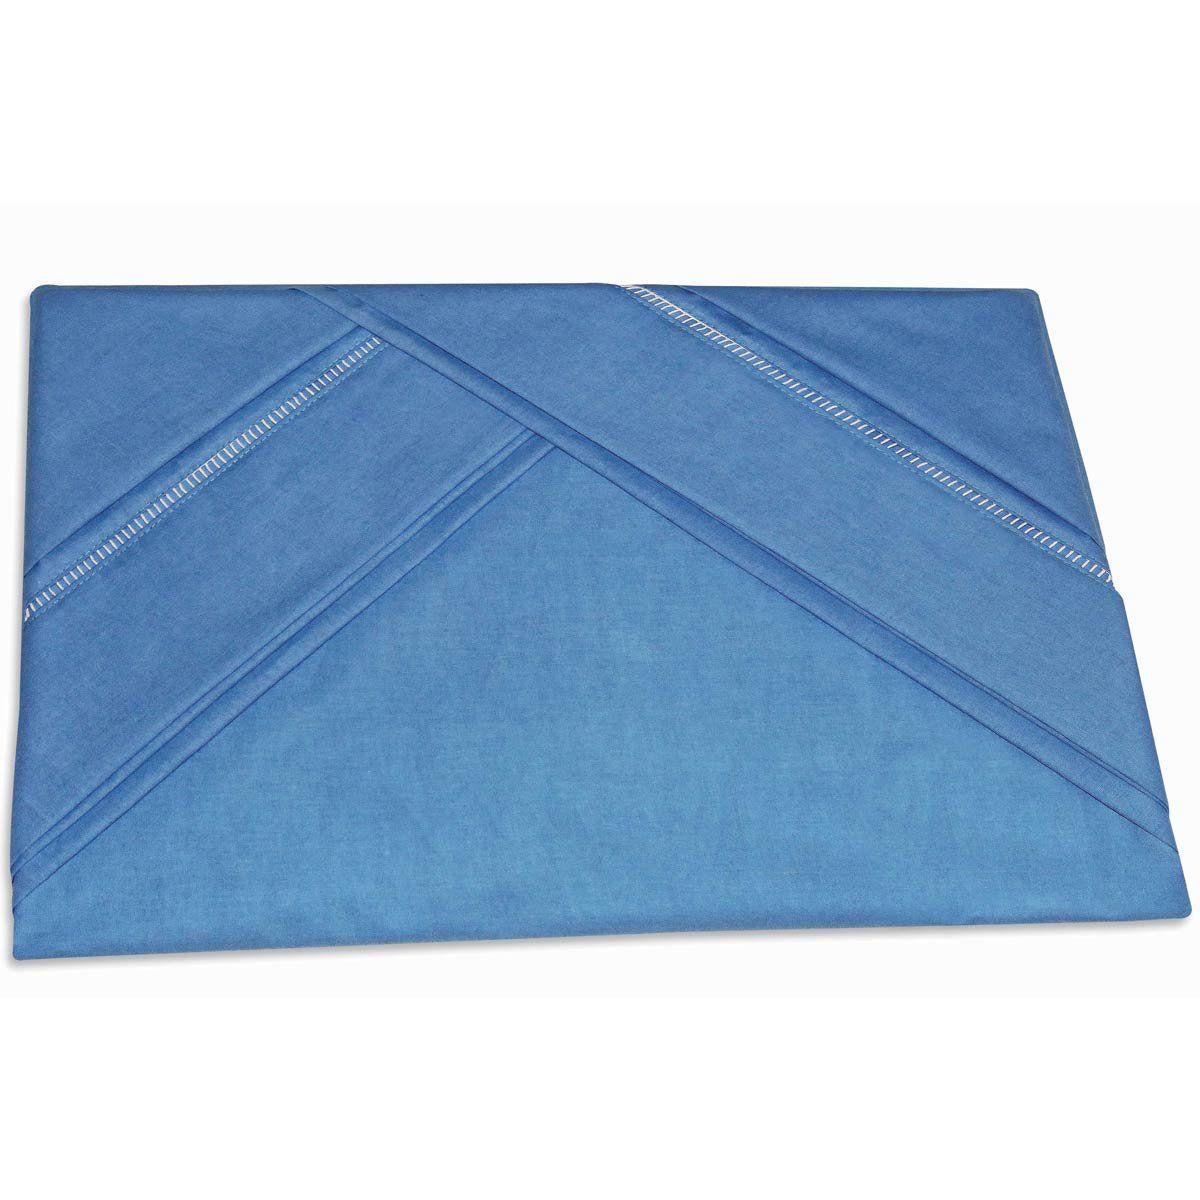 Lençol de Cama com Elástico Solteiro 02 Peças com 01 Fronha 100% Algodão Liso - Azul